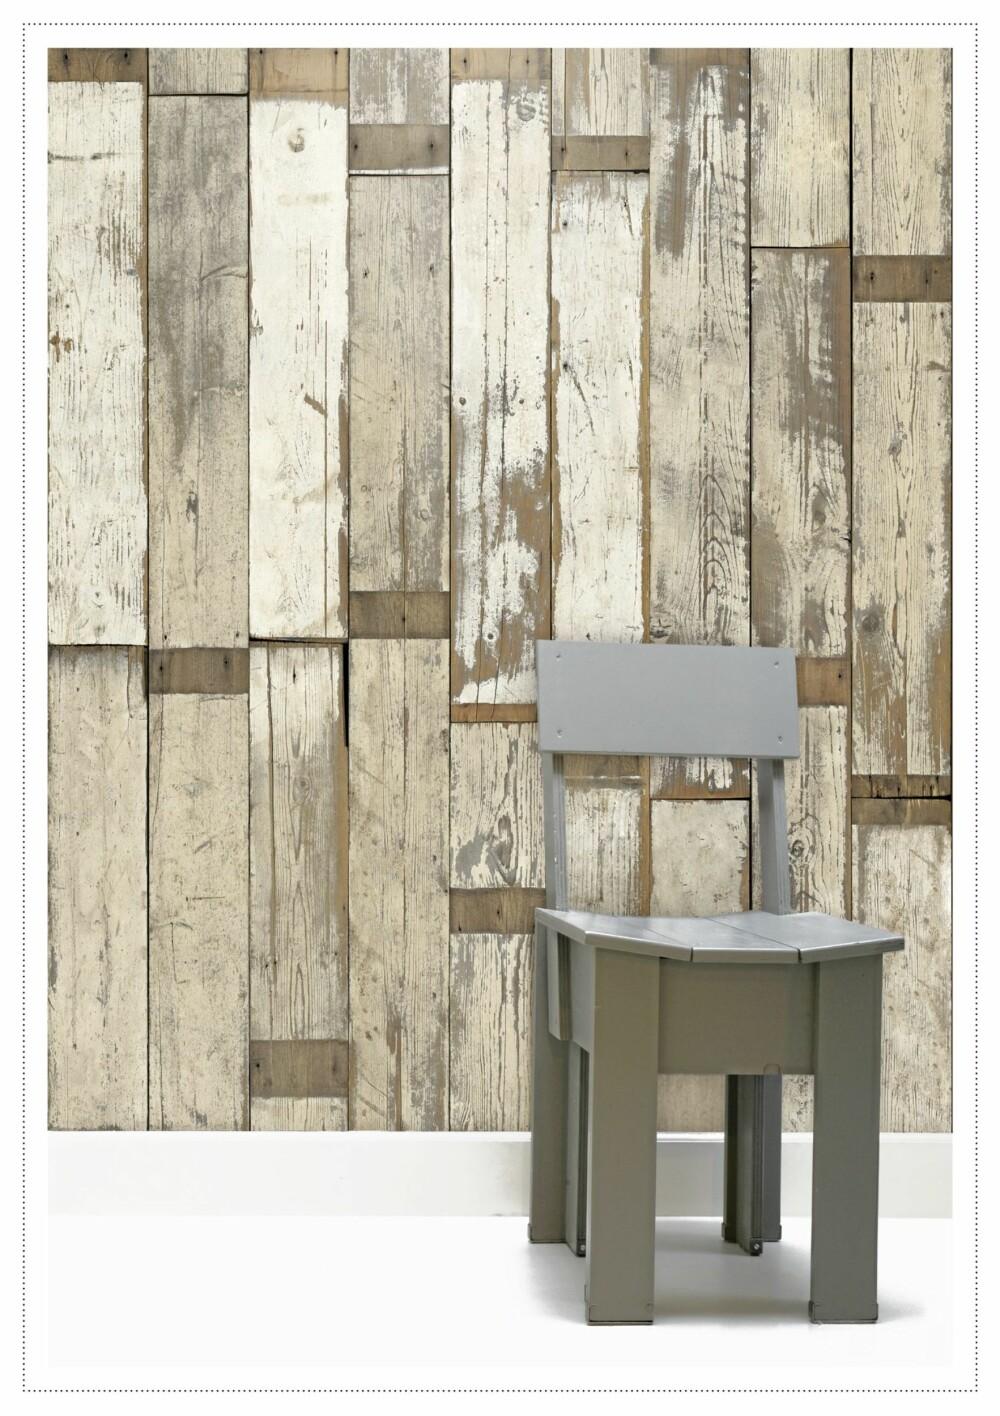 LIMT PÅ VEGGEN: Drivved på veggen er lett å få til. Design ved Piet Hein Eek, scrapwoodwallpater.com